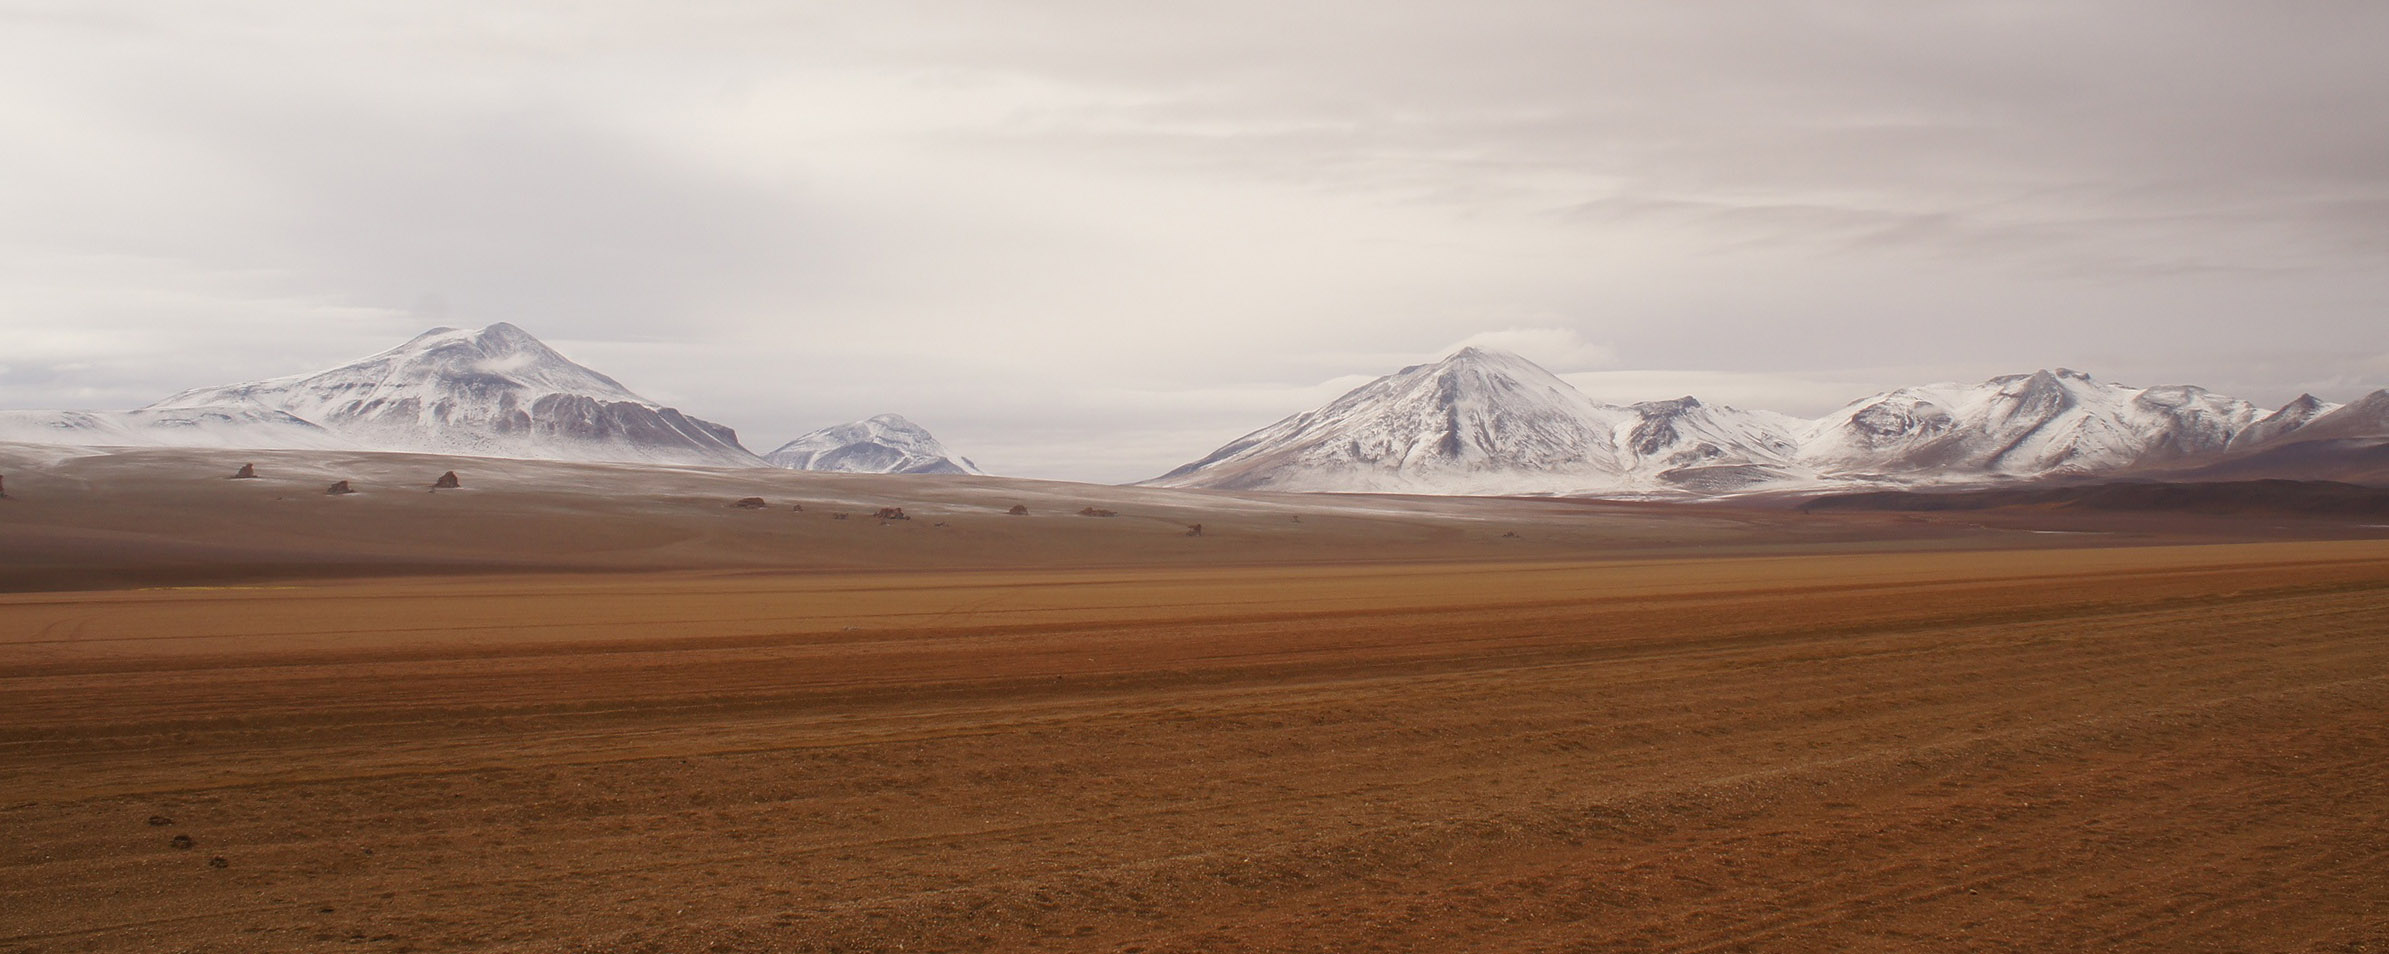 Salar de Uyuni, Uyuni, Bolivia - Indranil Roy